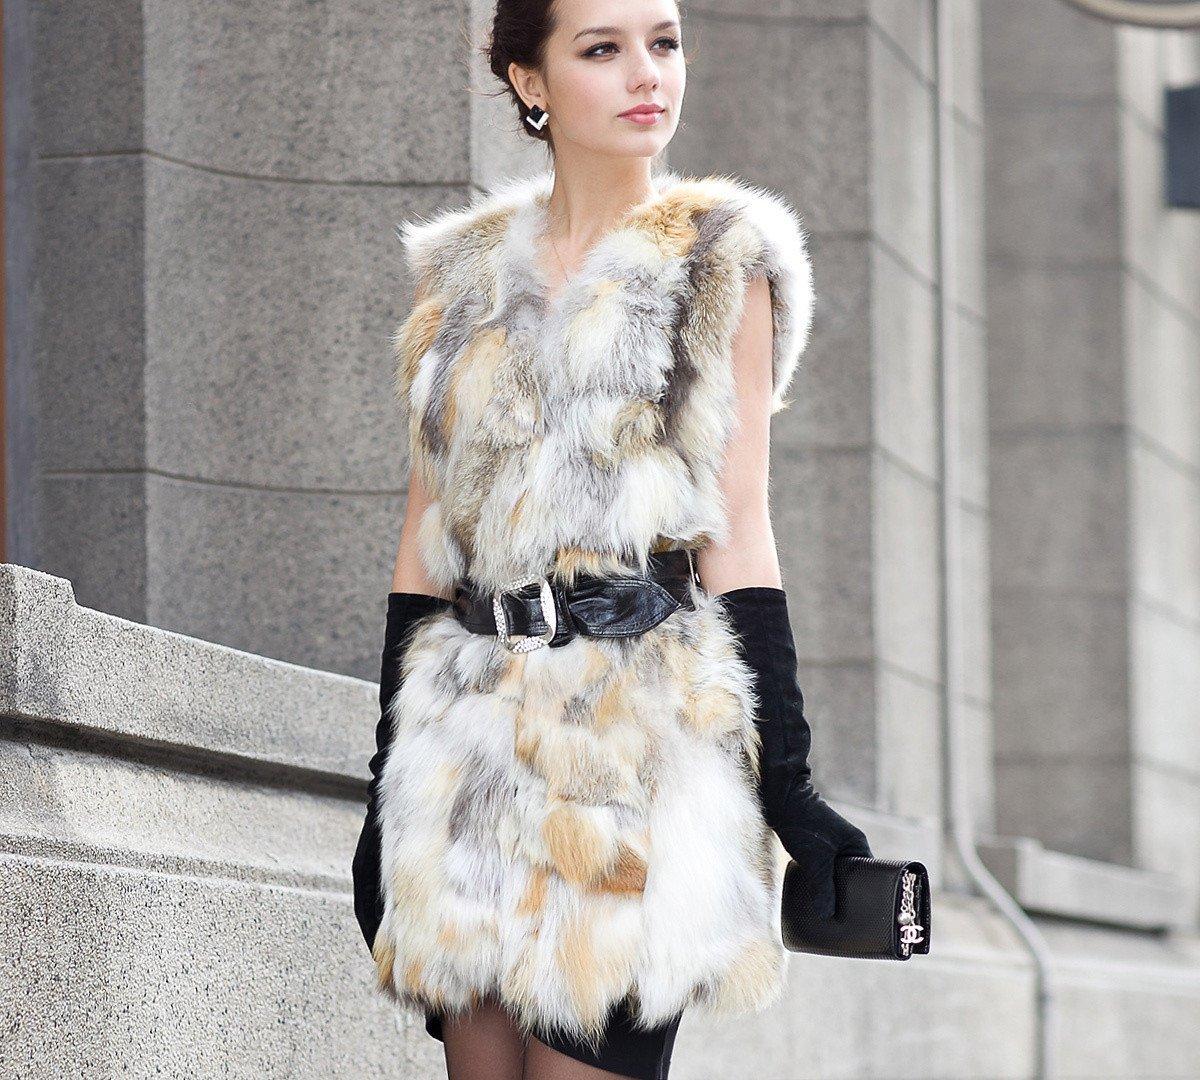 Меховые жилетки и мода фото